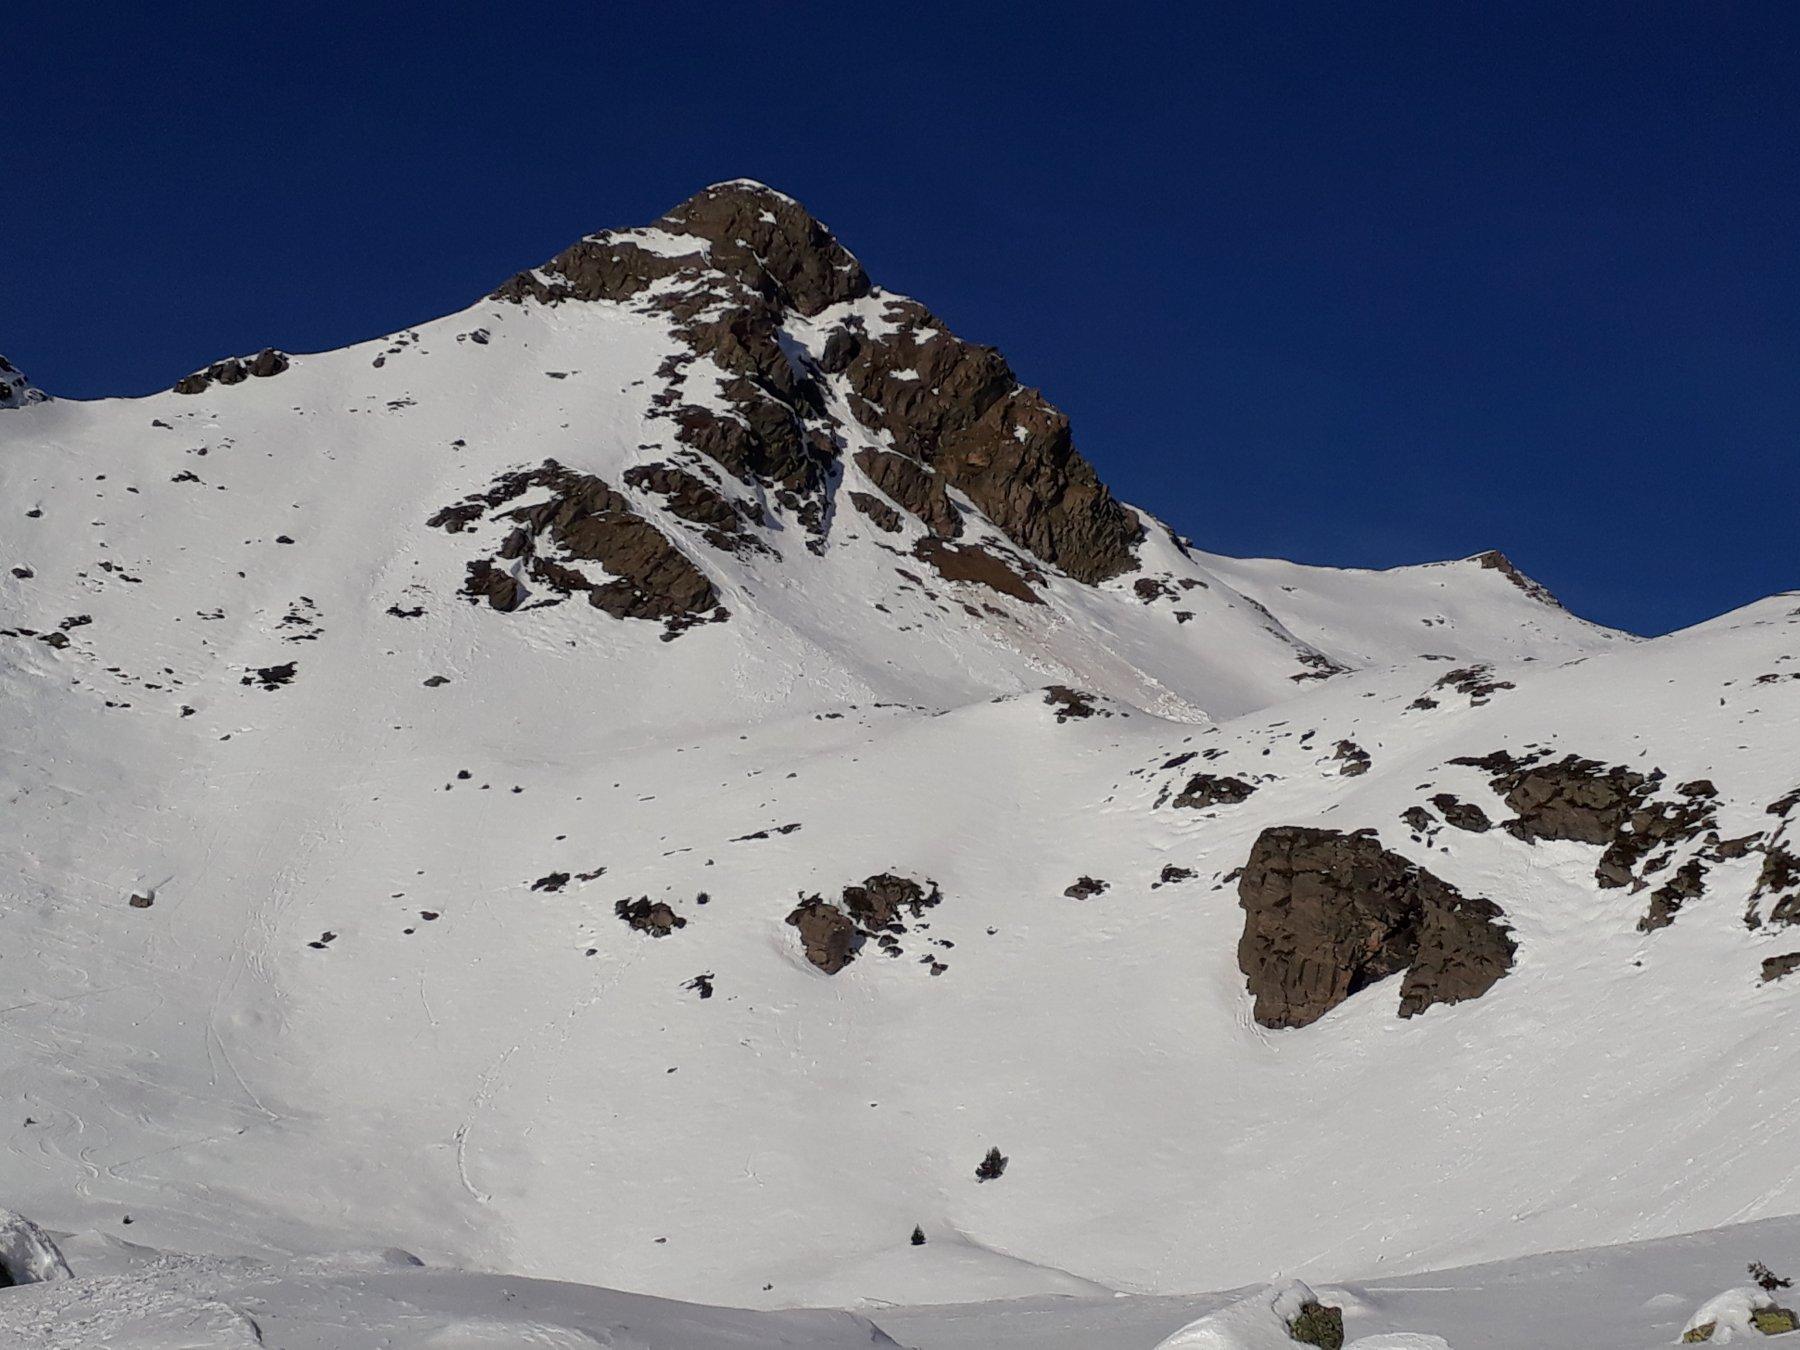 Poncione di Mezzo con cima scialpinistica sul fondo